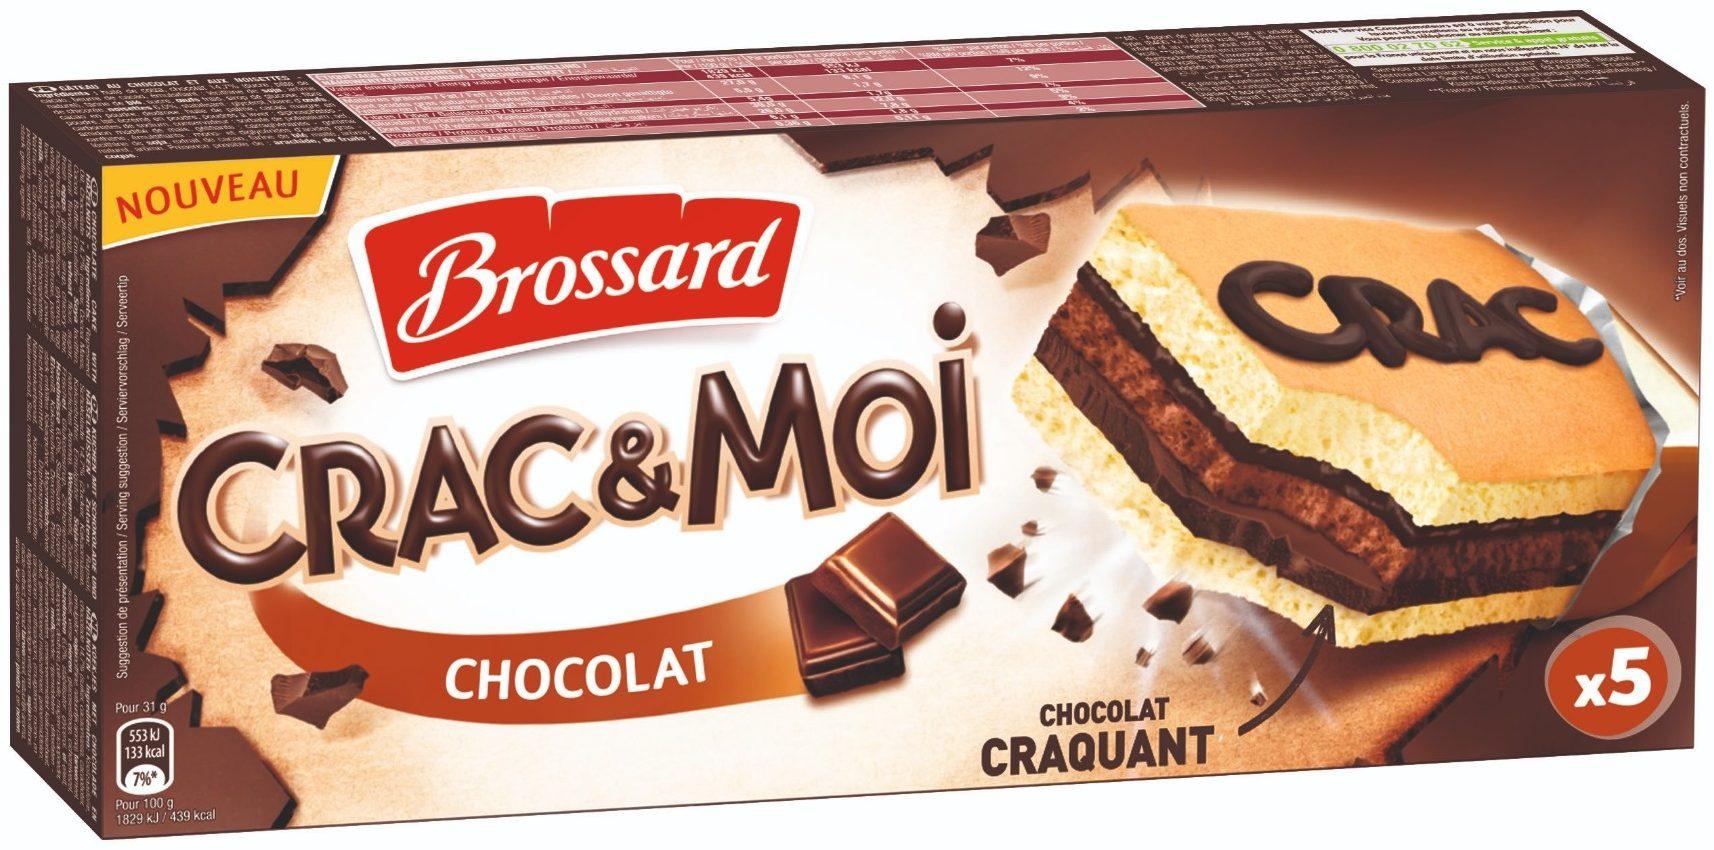 1 paquet de gâteaux Brossard Crac & Moi - Chocolat ou Framboise, 155g (via 1.37€ sur la carte de fidélité)